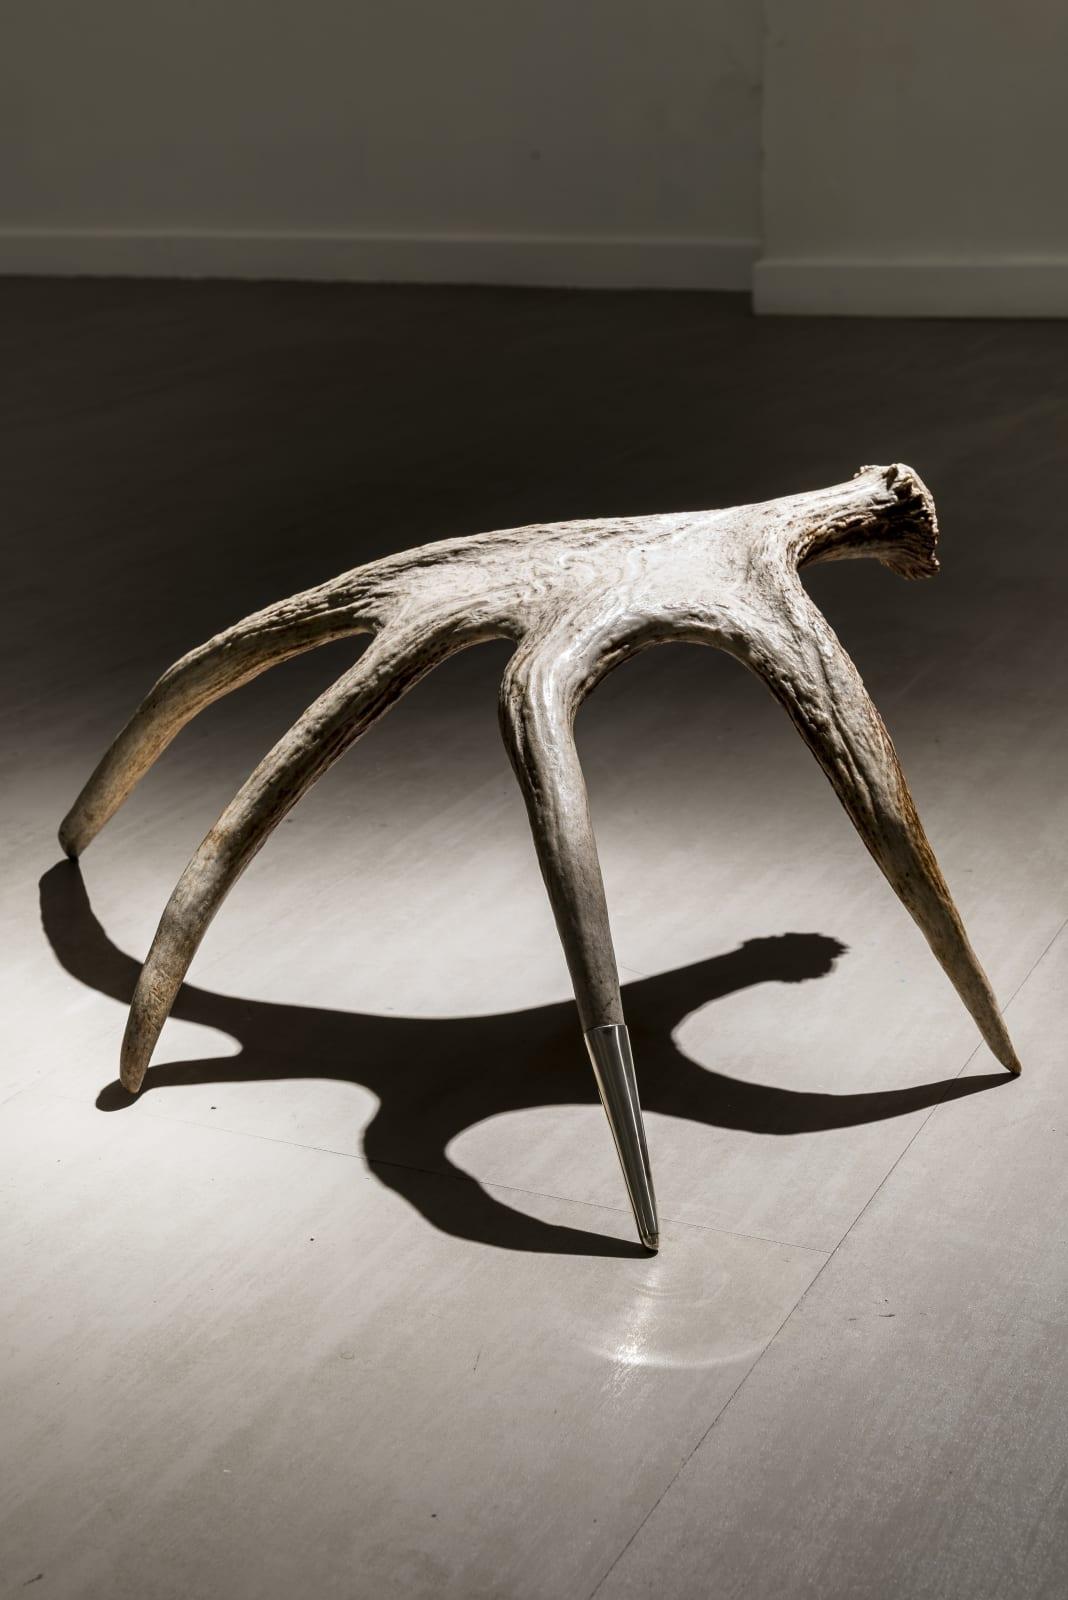 Giovanni Kronenberg L'antinomia di Capitan Blicero, 2016 Moose horn and silver thimble ca cm 50 x 57 x 21